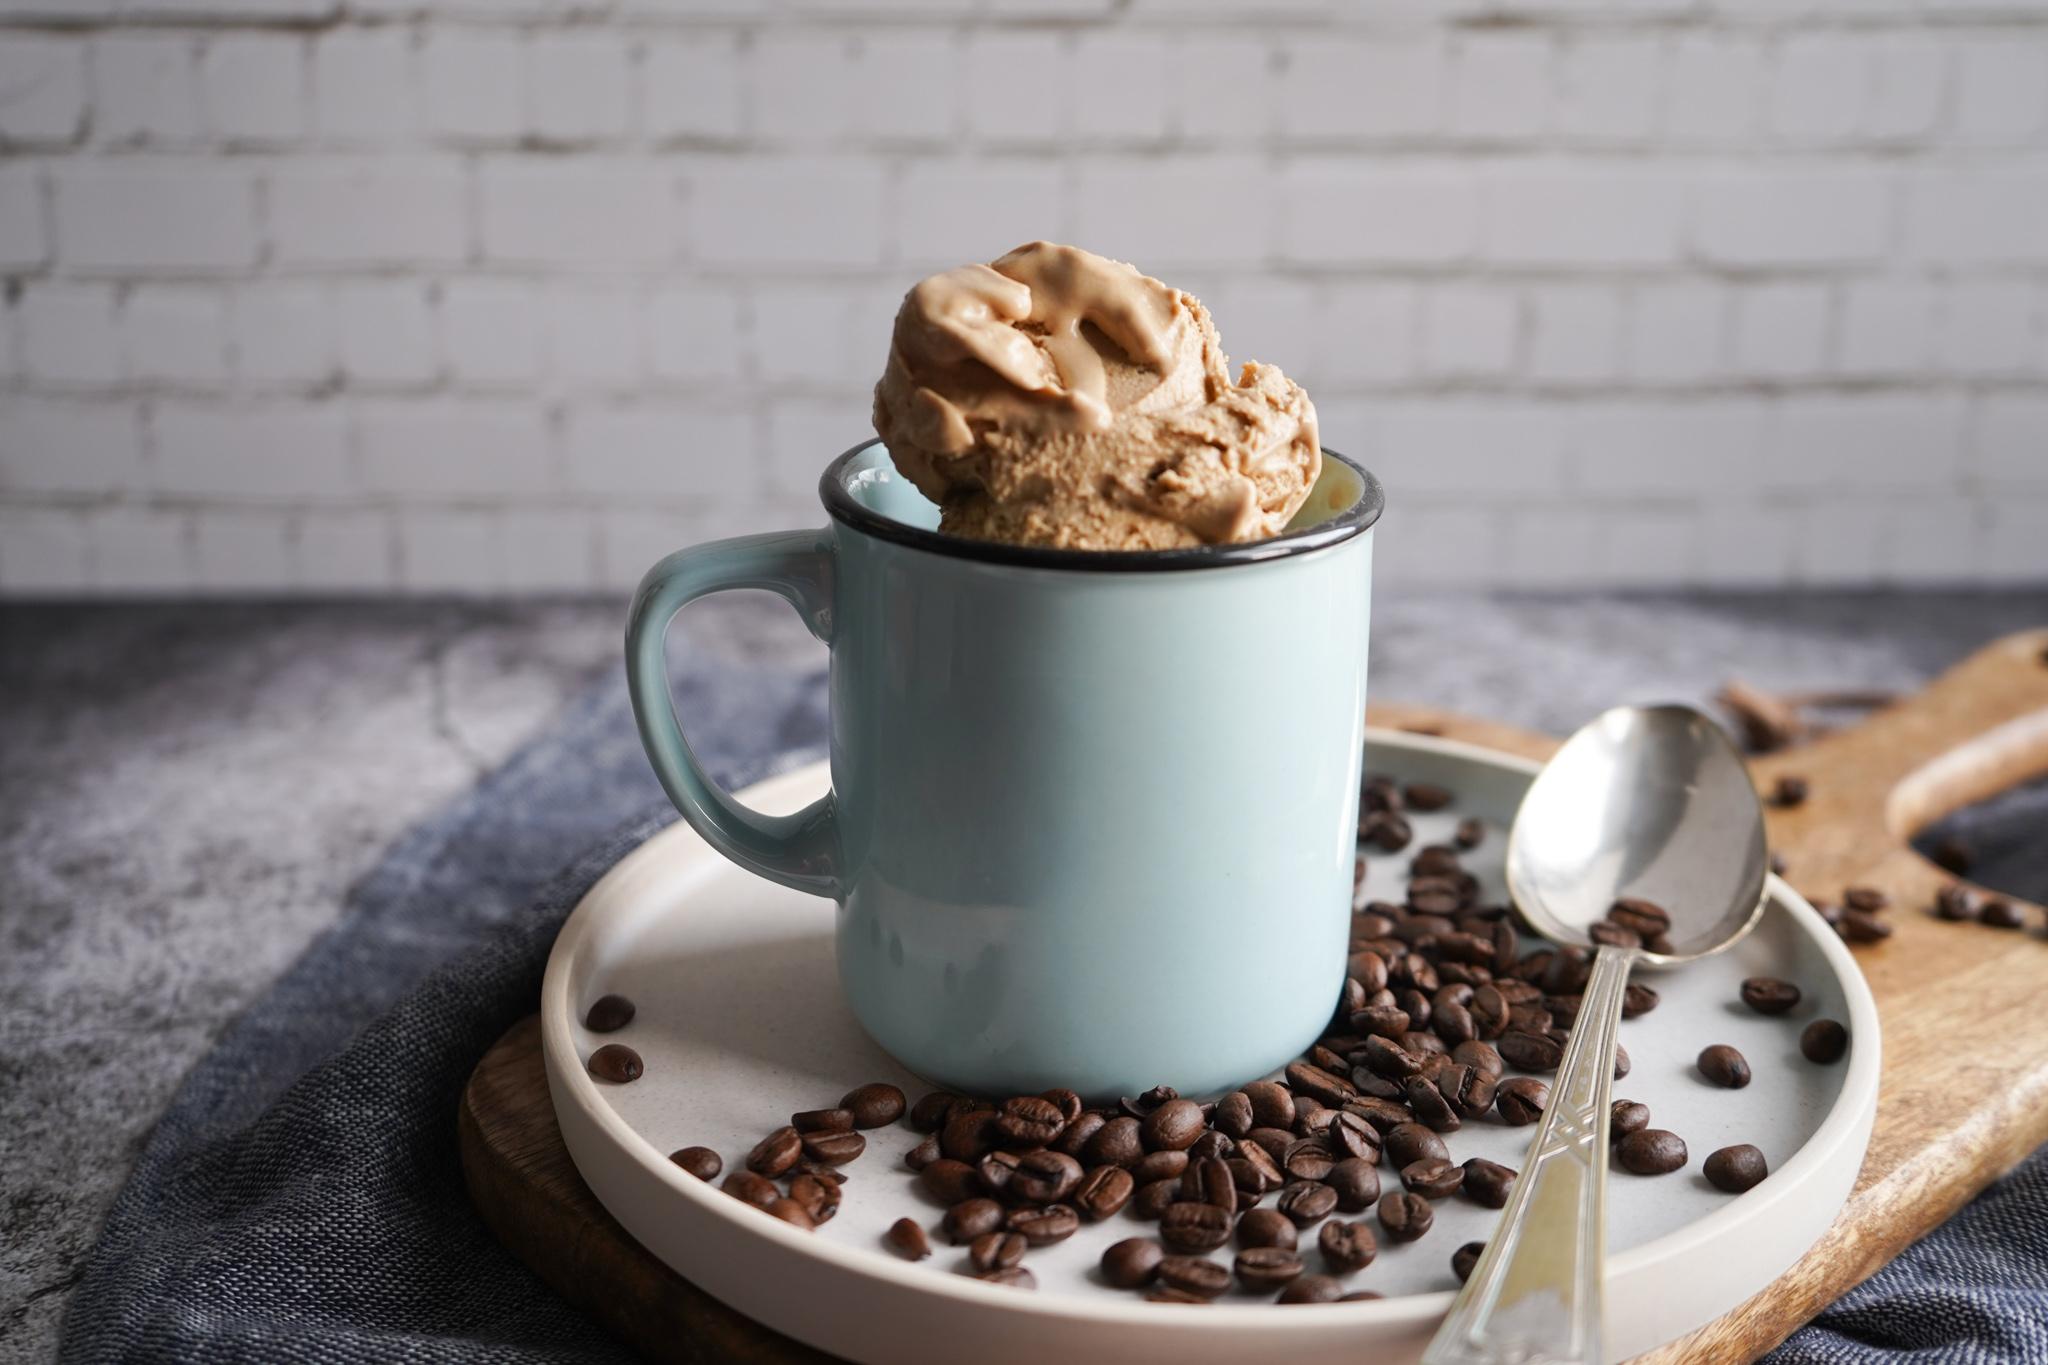 Kaffeis